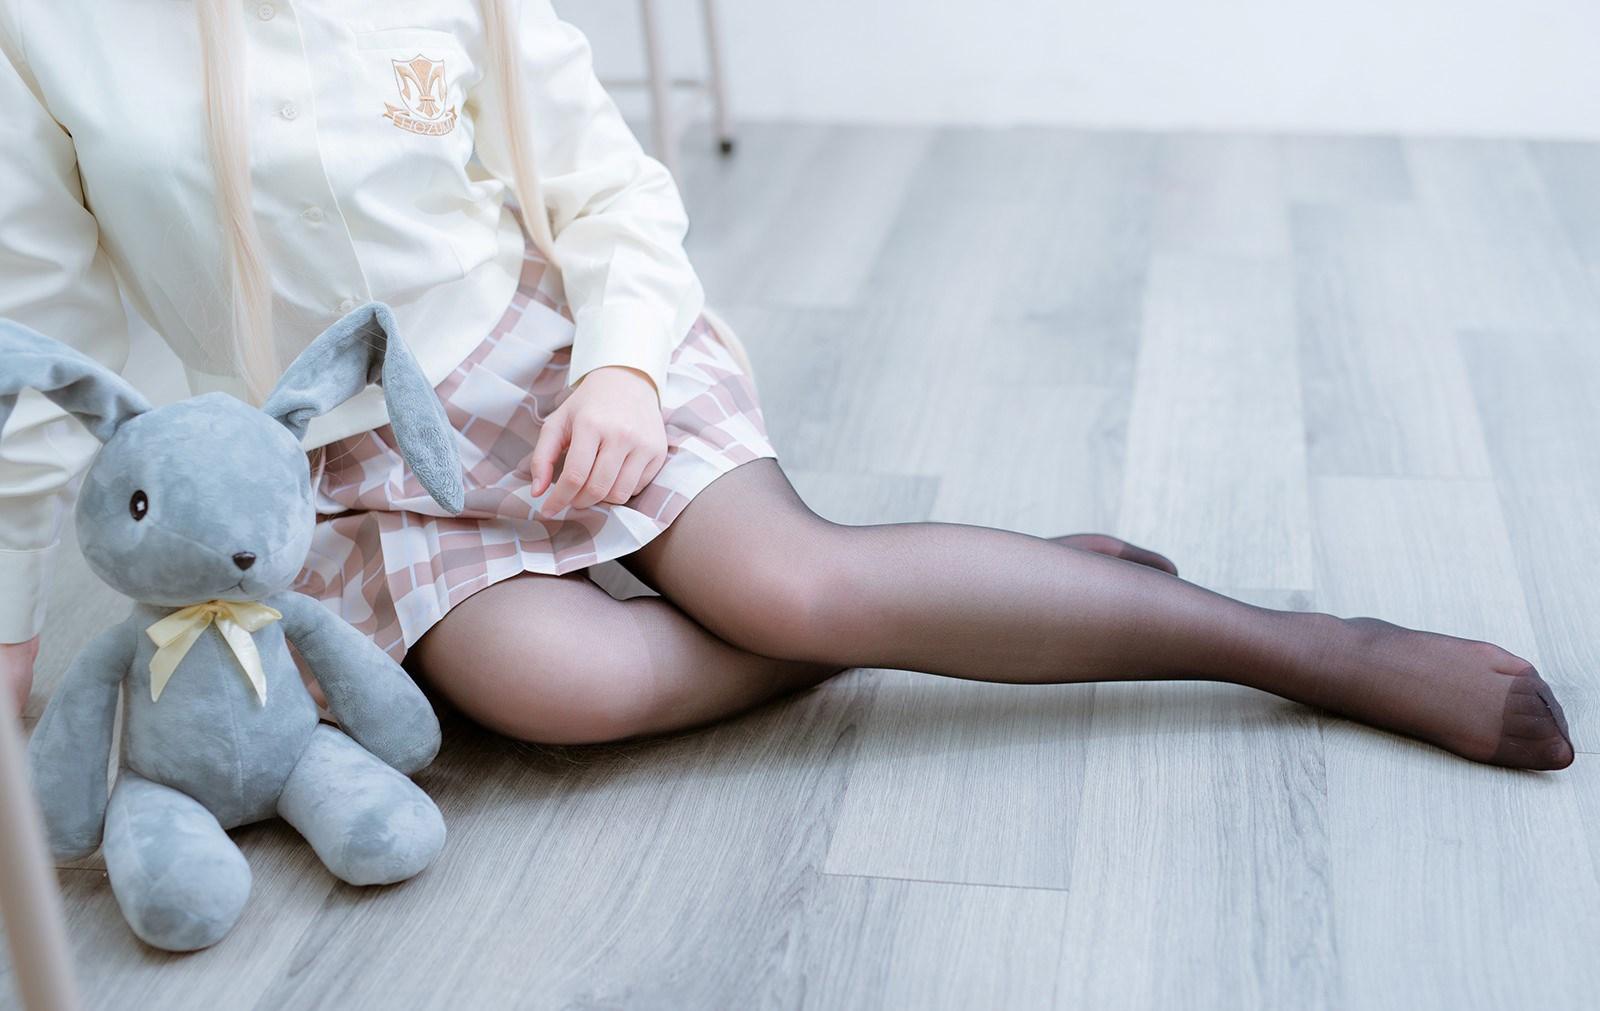 【兔玩映画】腿控福利 兔玩映画 第51张